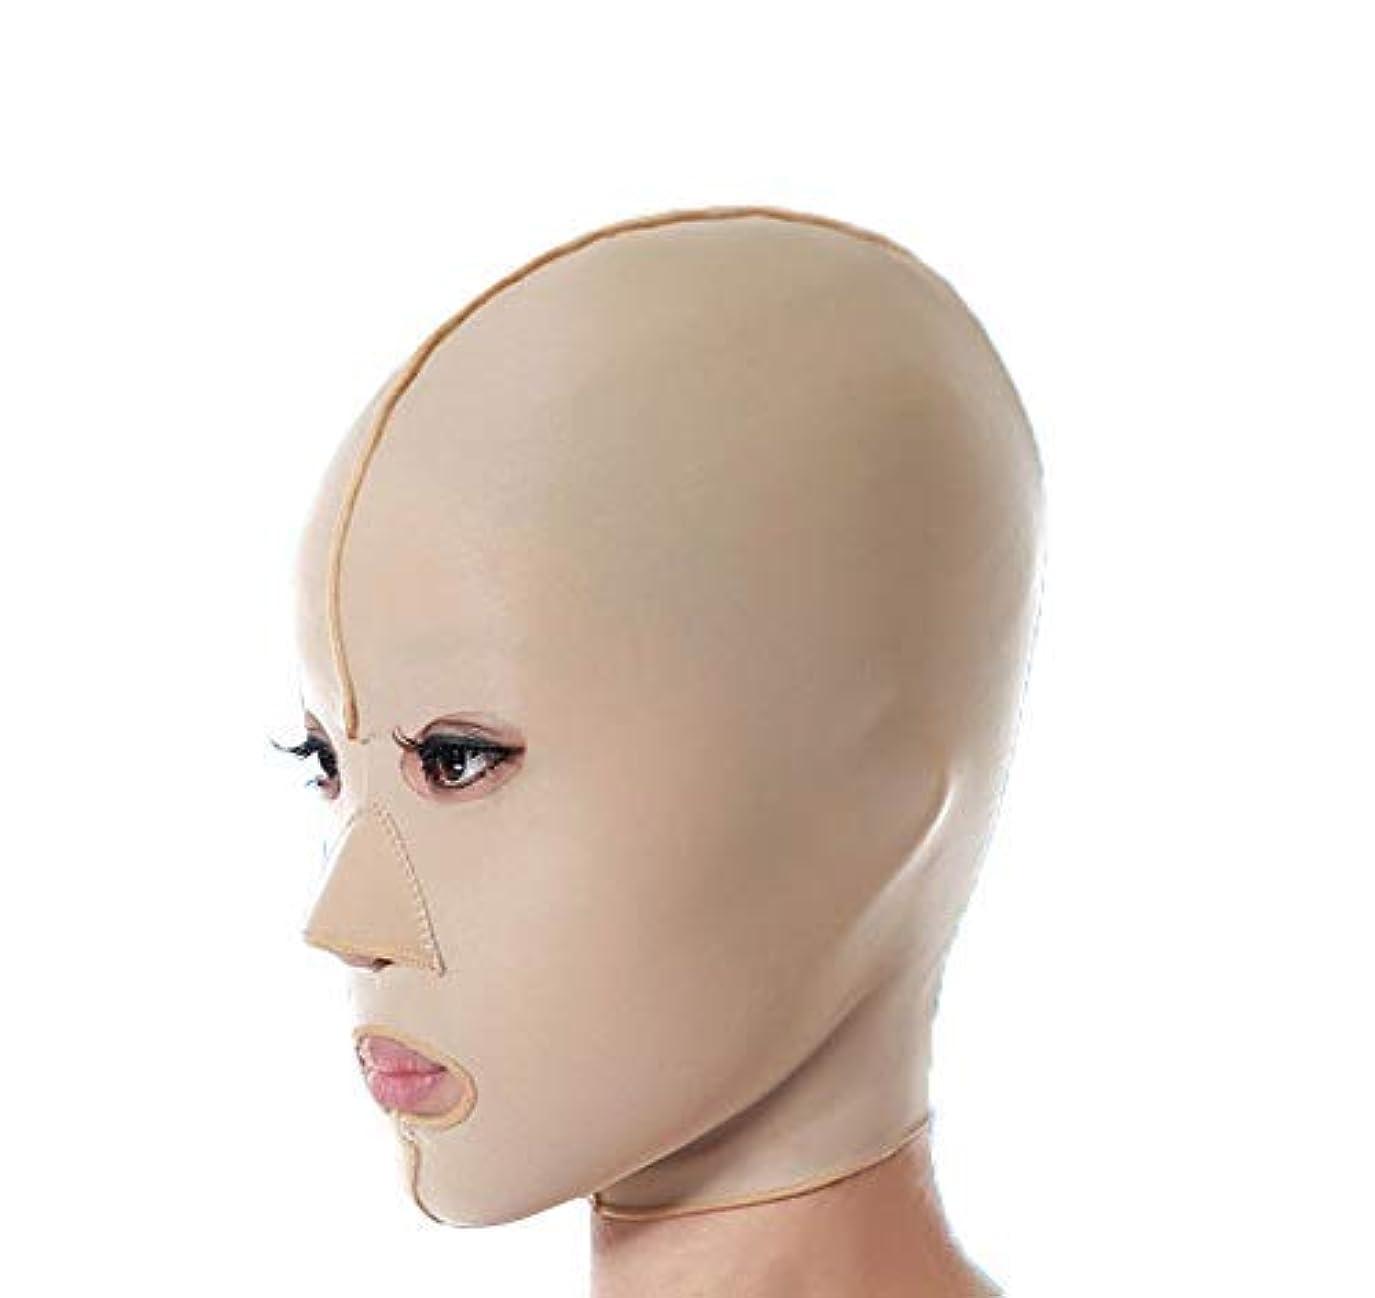 ひどい職人ジョットディボンドンファーミングフェイスマスク、フェイシャルマスク医学強力なフェイスマスクアーティファクト美容垂れ防止法パターンフェイシャルリフティングファーミングフルフェイスマスク(サイズ:M),M